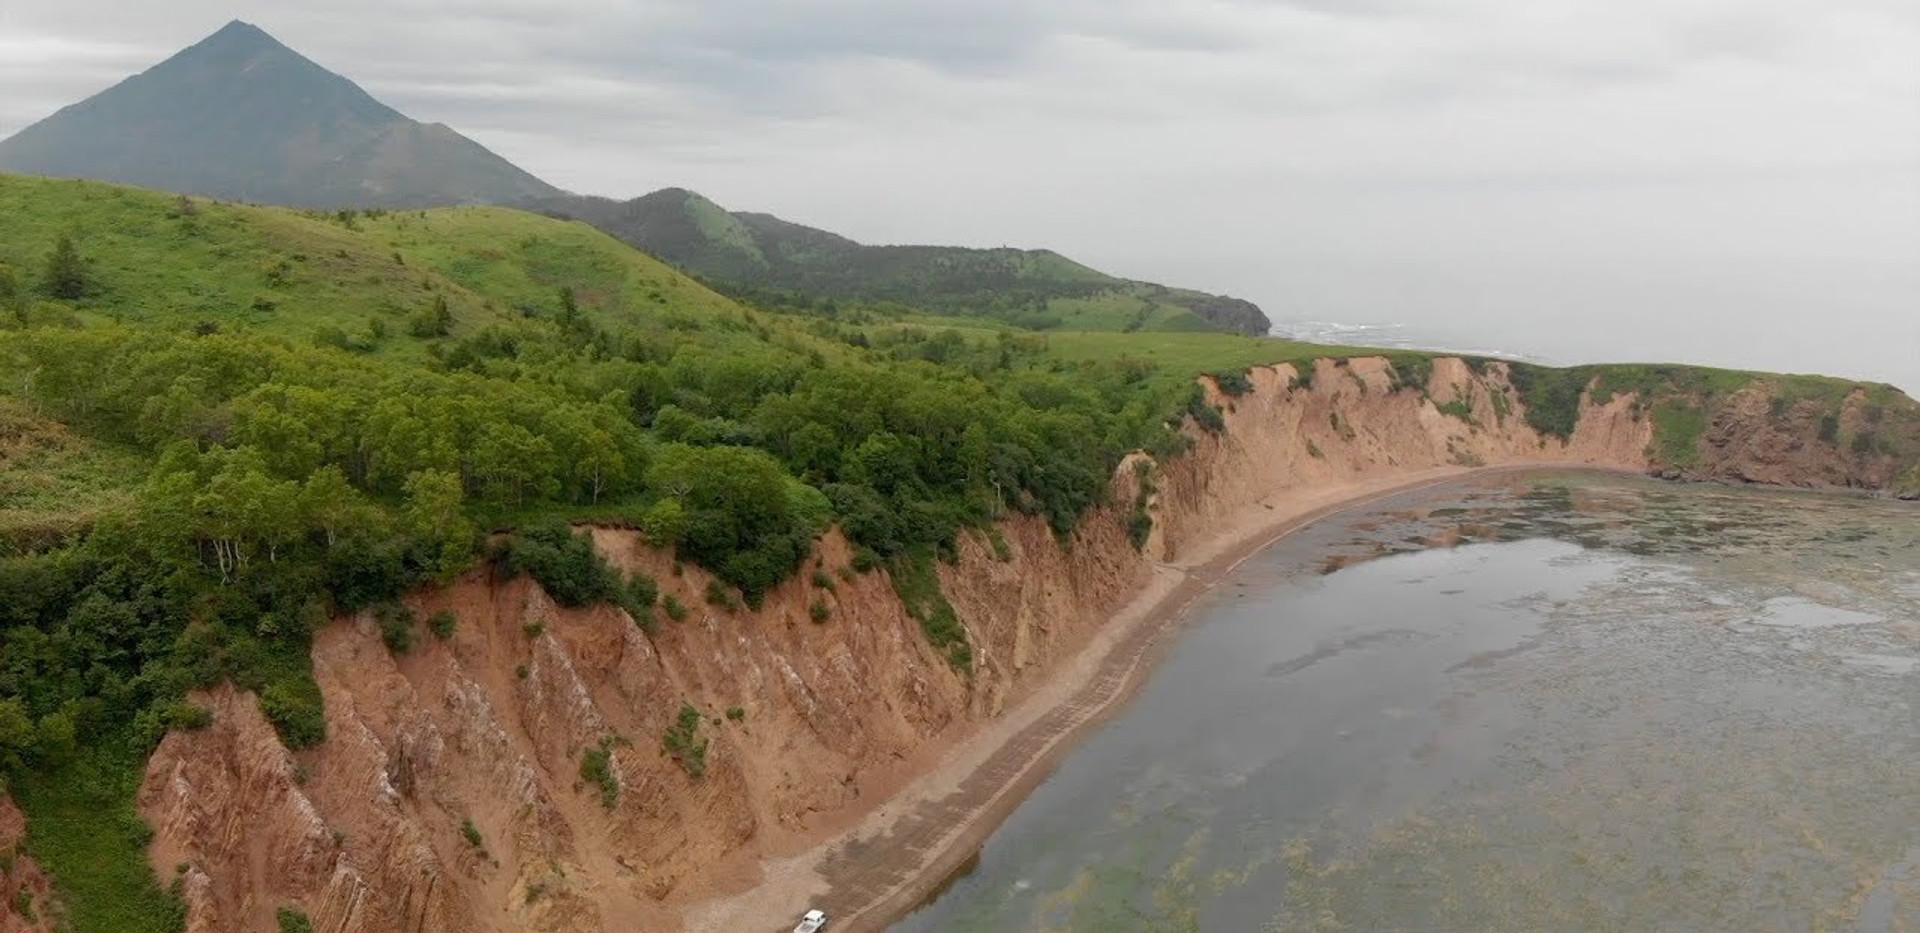 Сахалин 2018 бухта Тихая, чертов мост